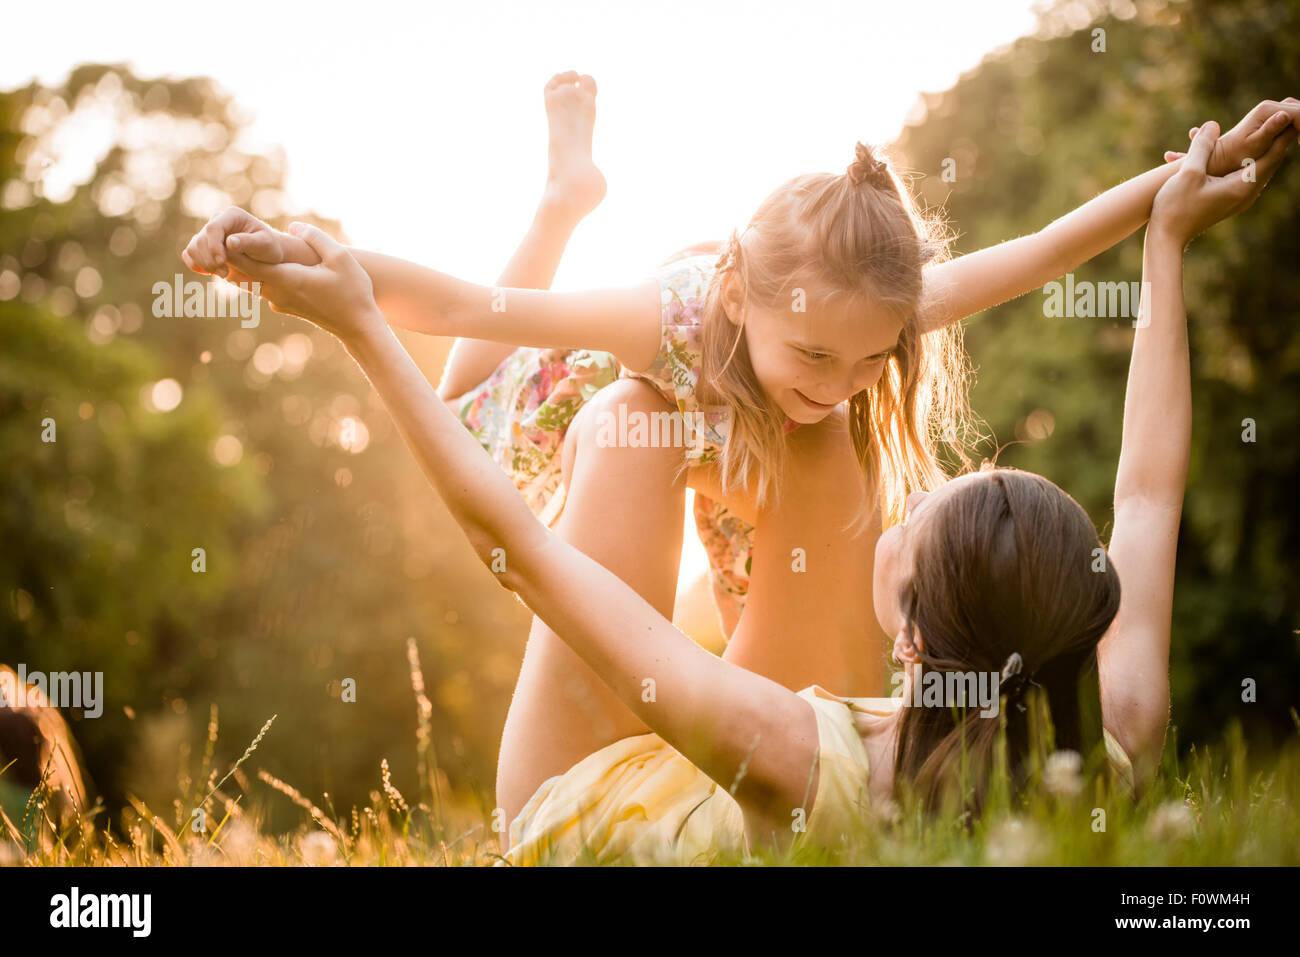 Mère couchée sur l'herbe et joue avec sa fille on airplane Photo Stock